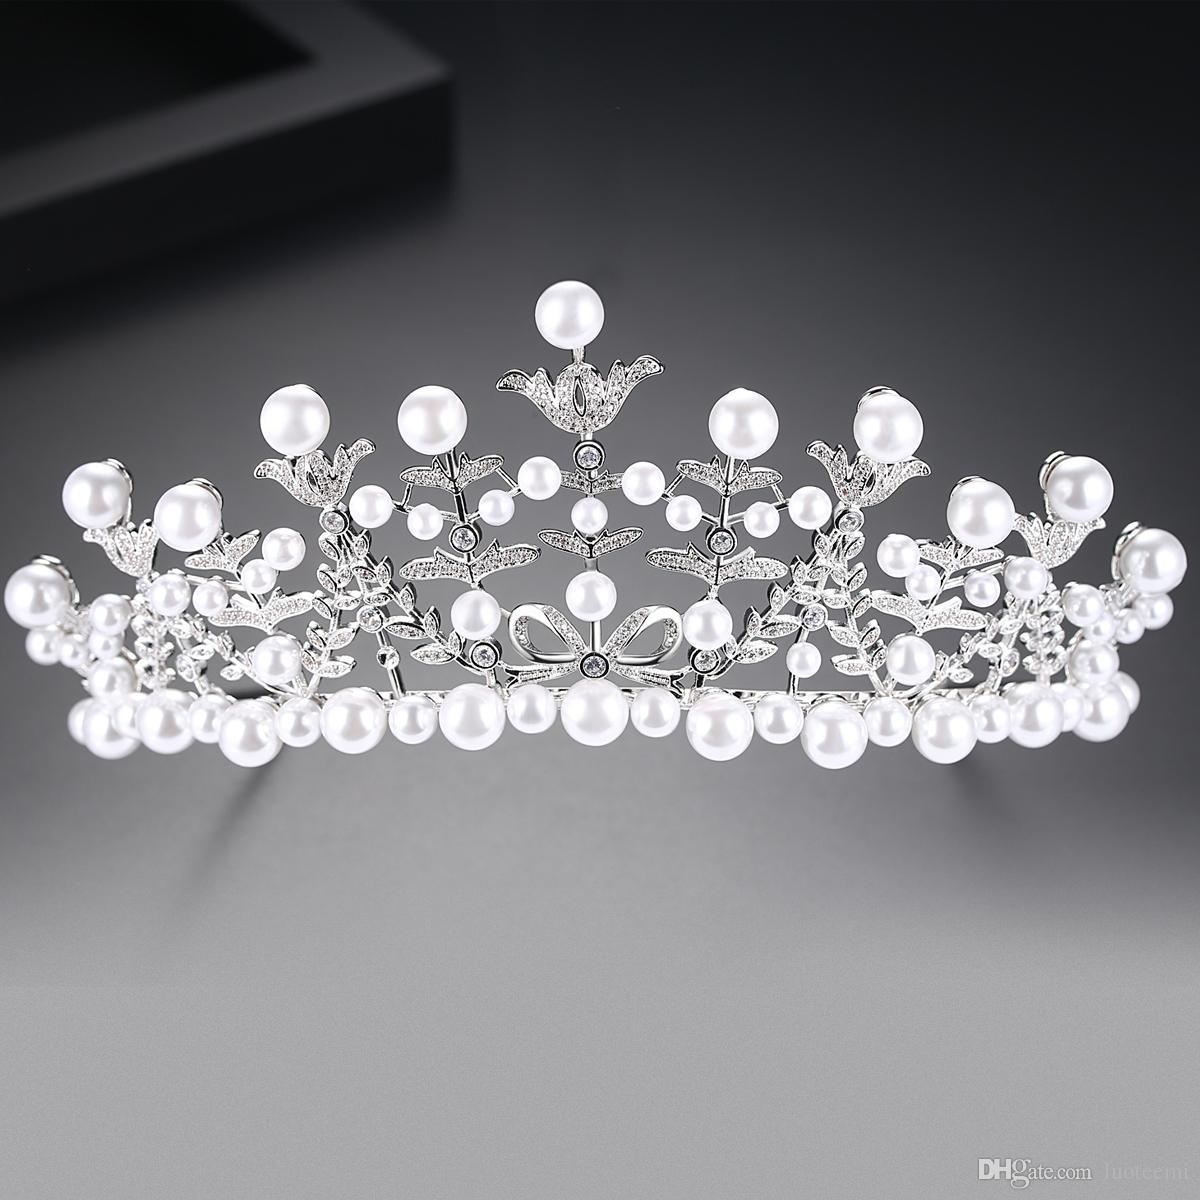 LUOTEEMI Perlas blancas de imitación Queen's Tiara Crowns Accesorios para el cabello para mujeres Clear CZ Crystal Diadema nupcial joyería de la boda